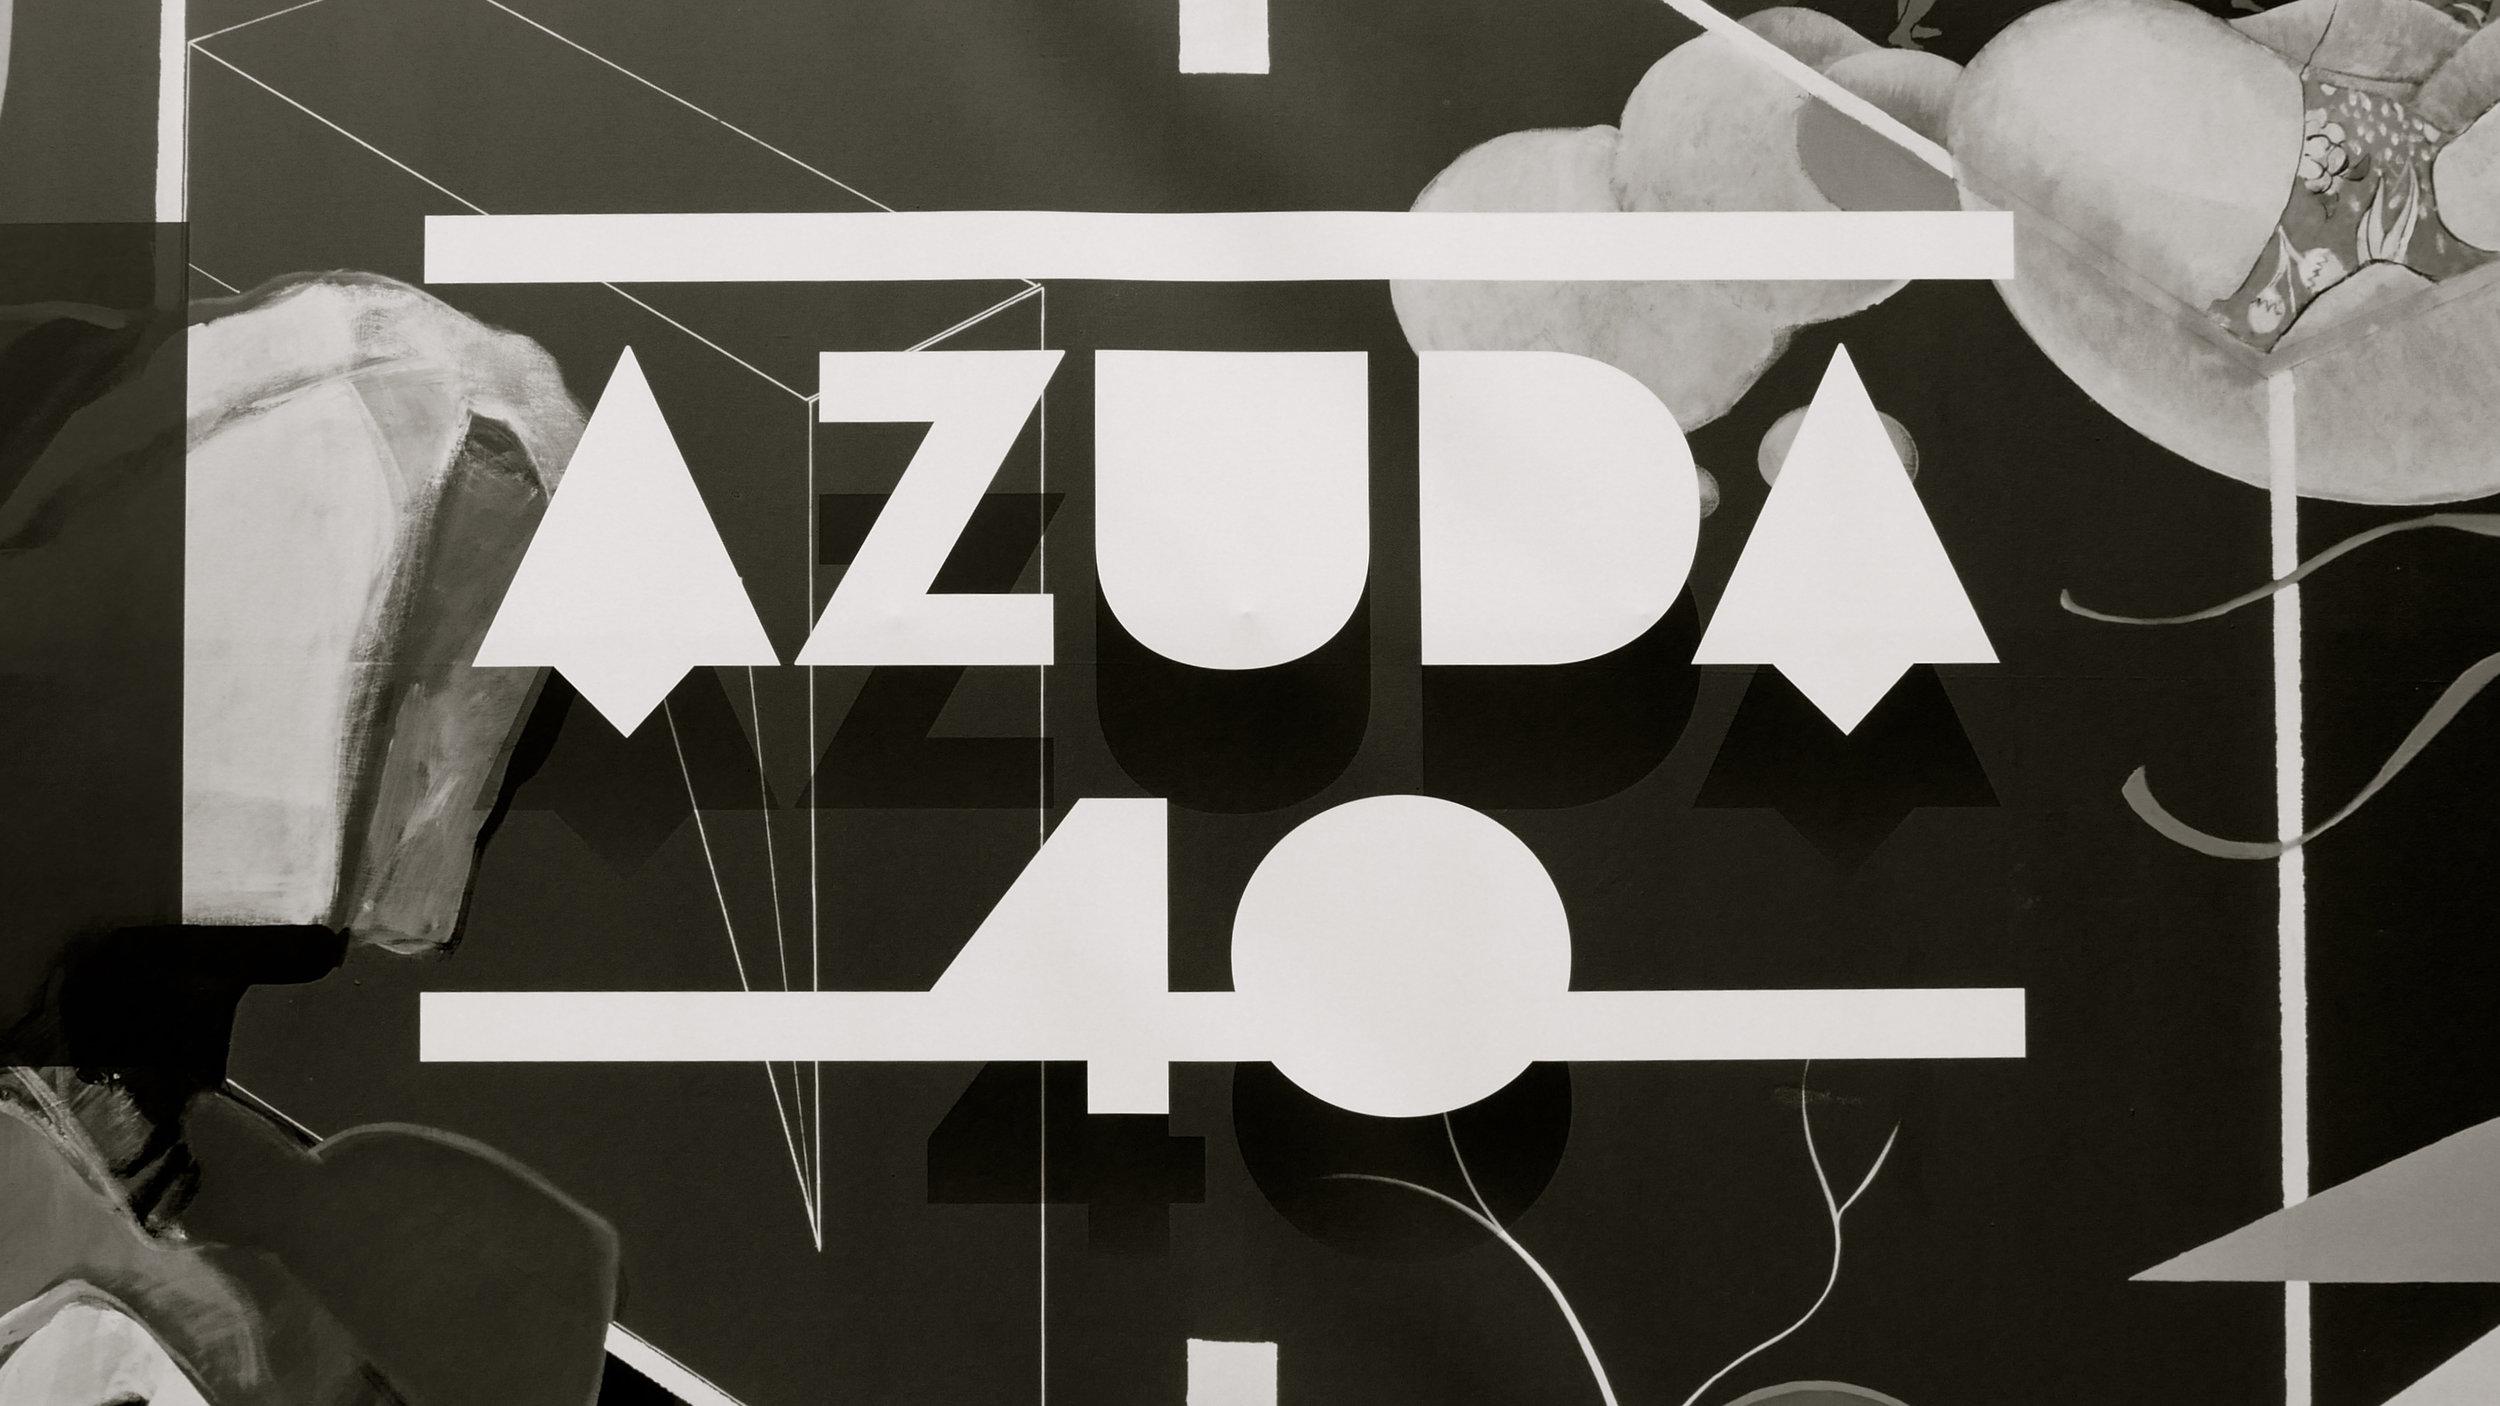 Azuda 40 - 31